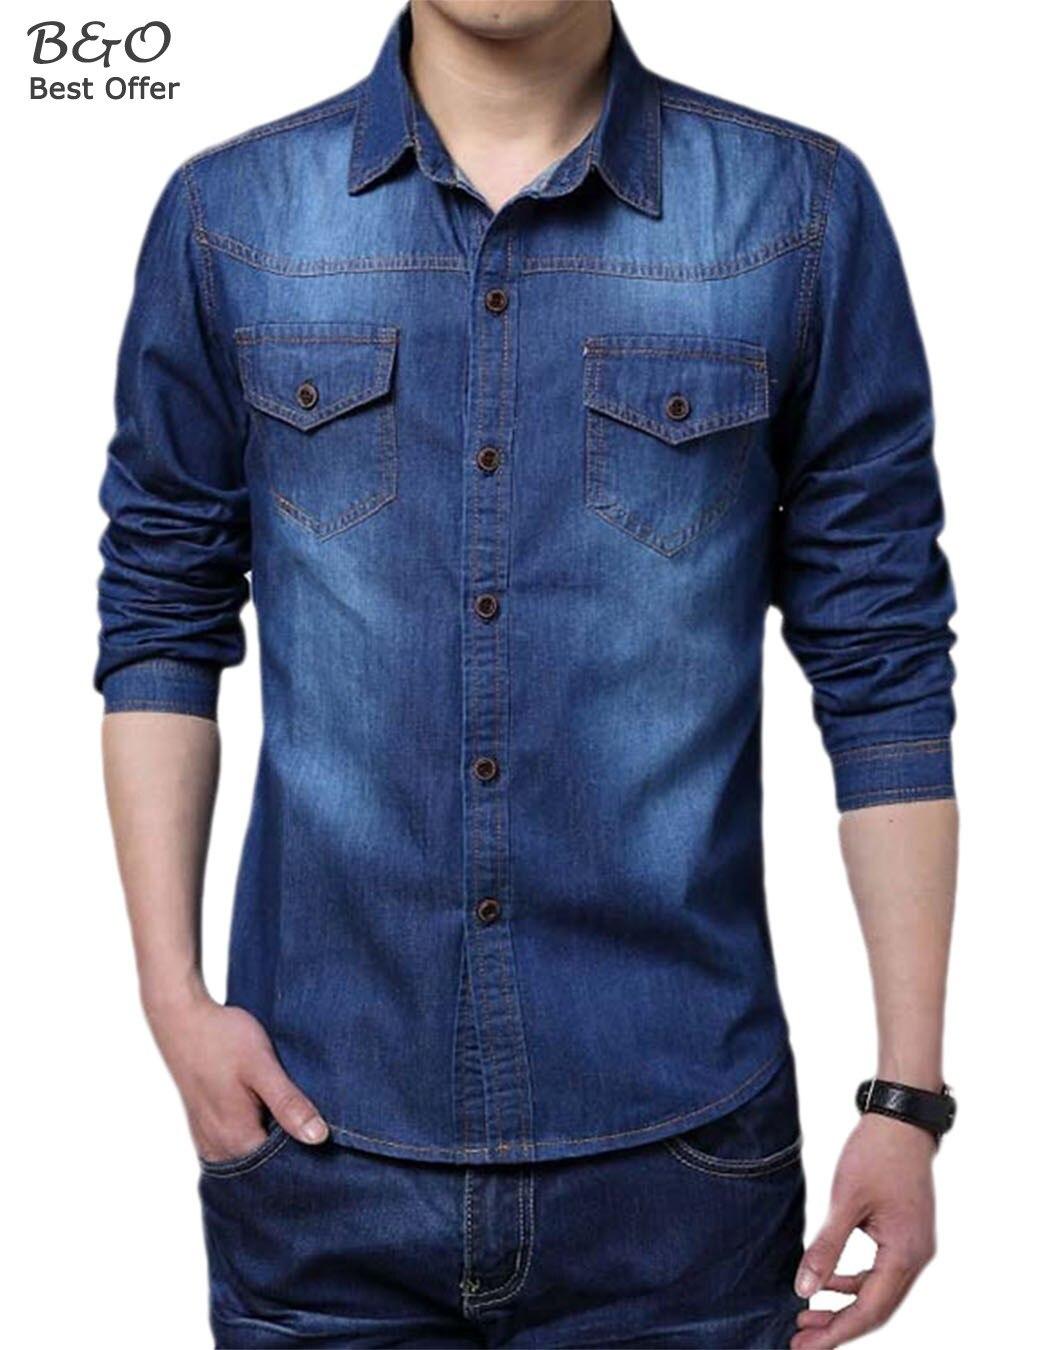 9f9167685 Vaqueros Camisas hombres otoño blusa 2016 hombres fit Denim Camisas Blusas  da vuelta abajo camisa de manga larga más tamaño en Camisas casuales de La  ropa ...